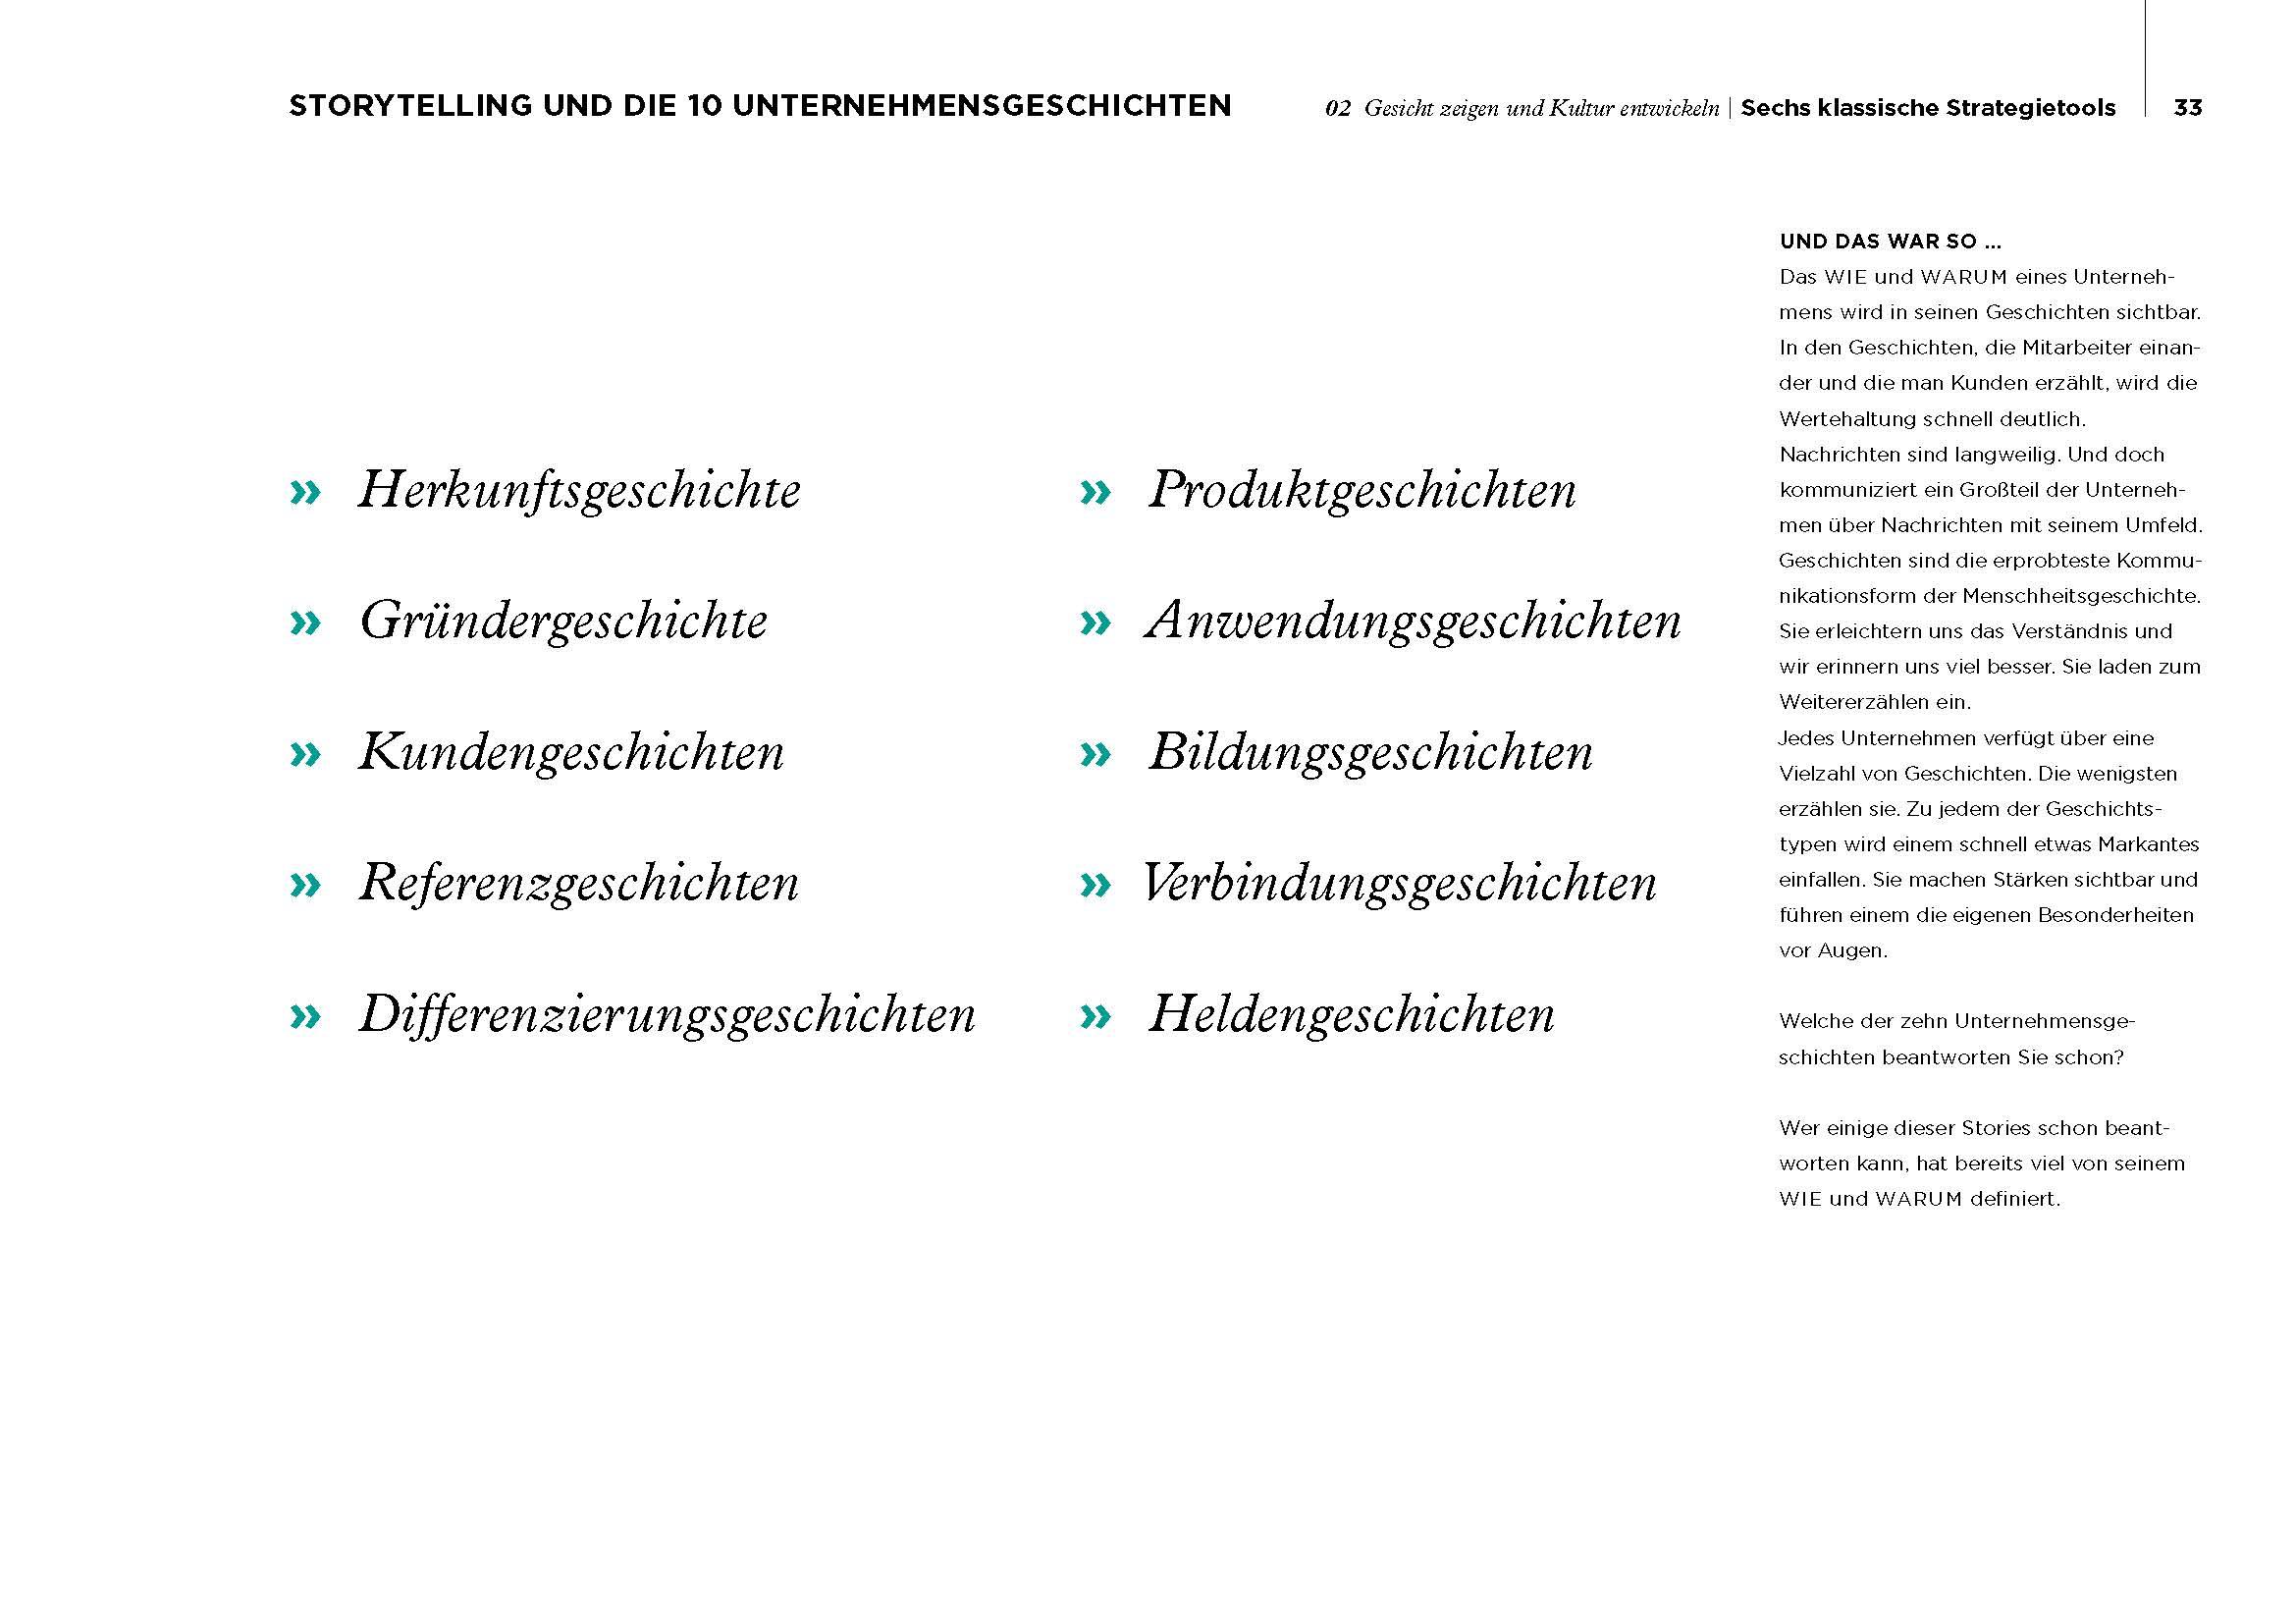 Smart_Targeting_05_PDF_Seite_033